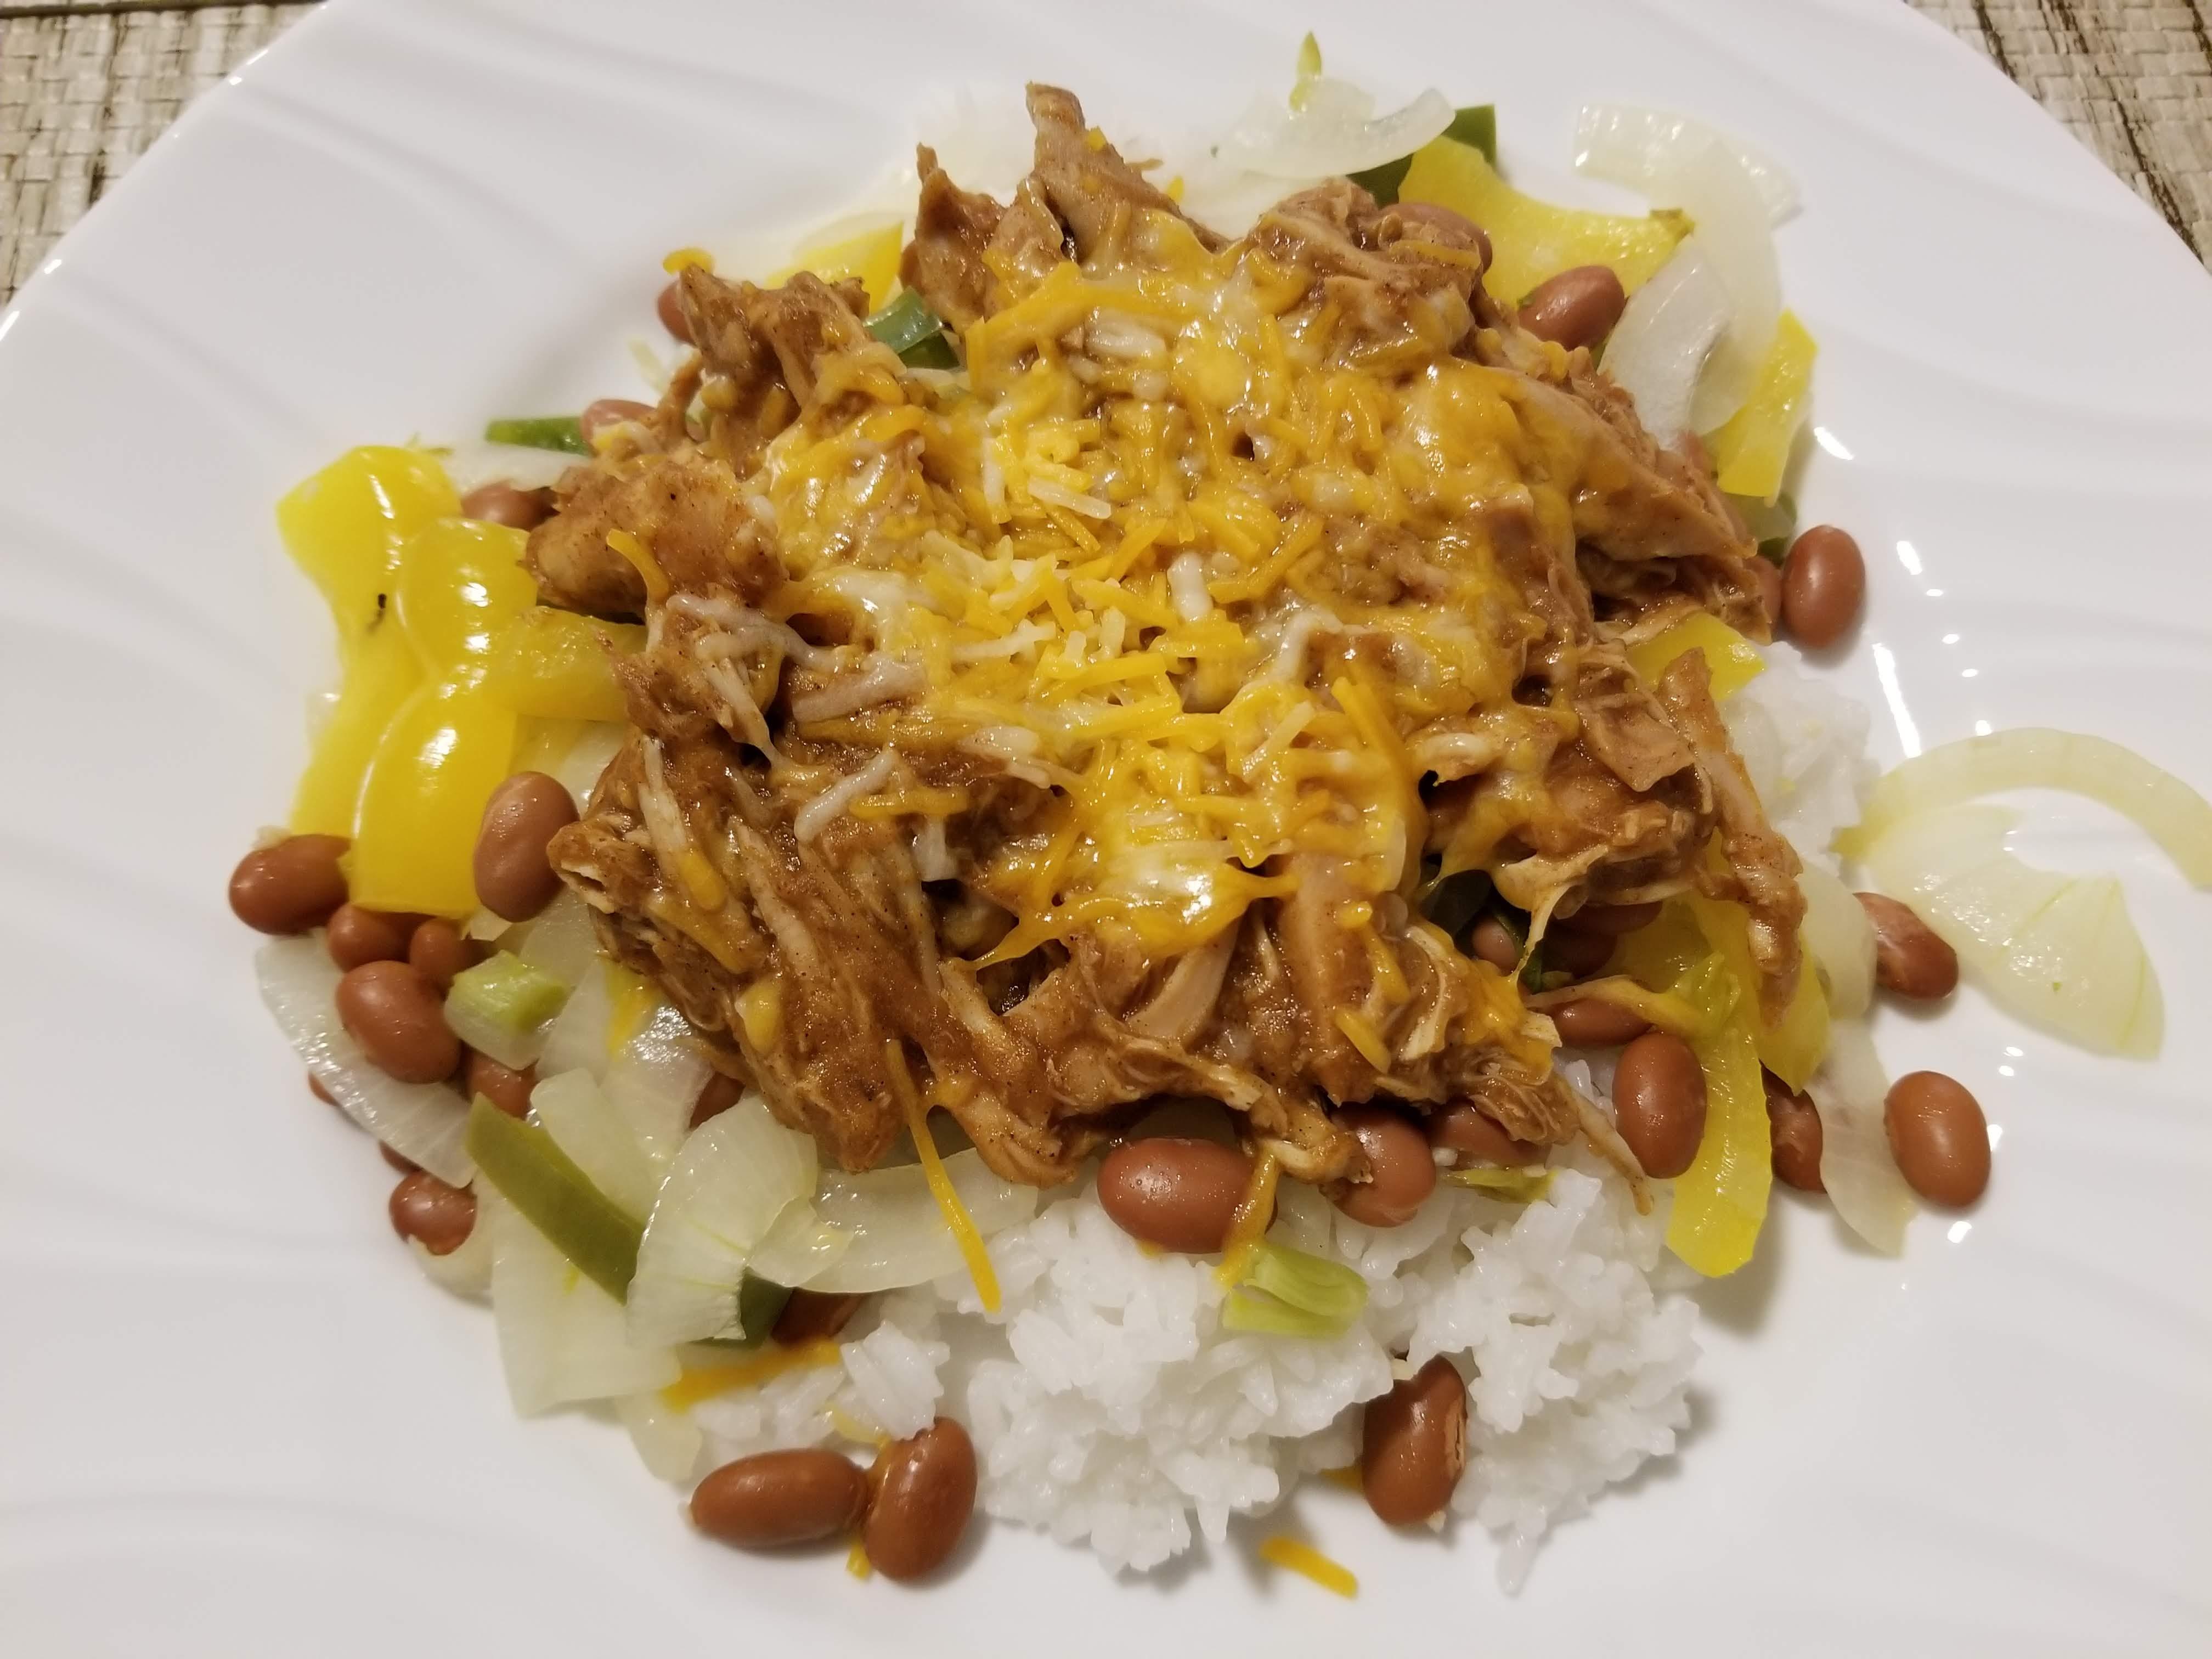 Shredded chick rice beans